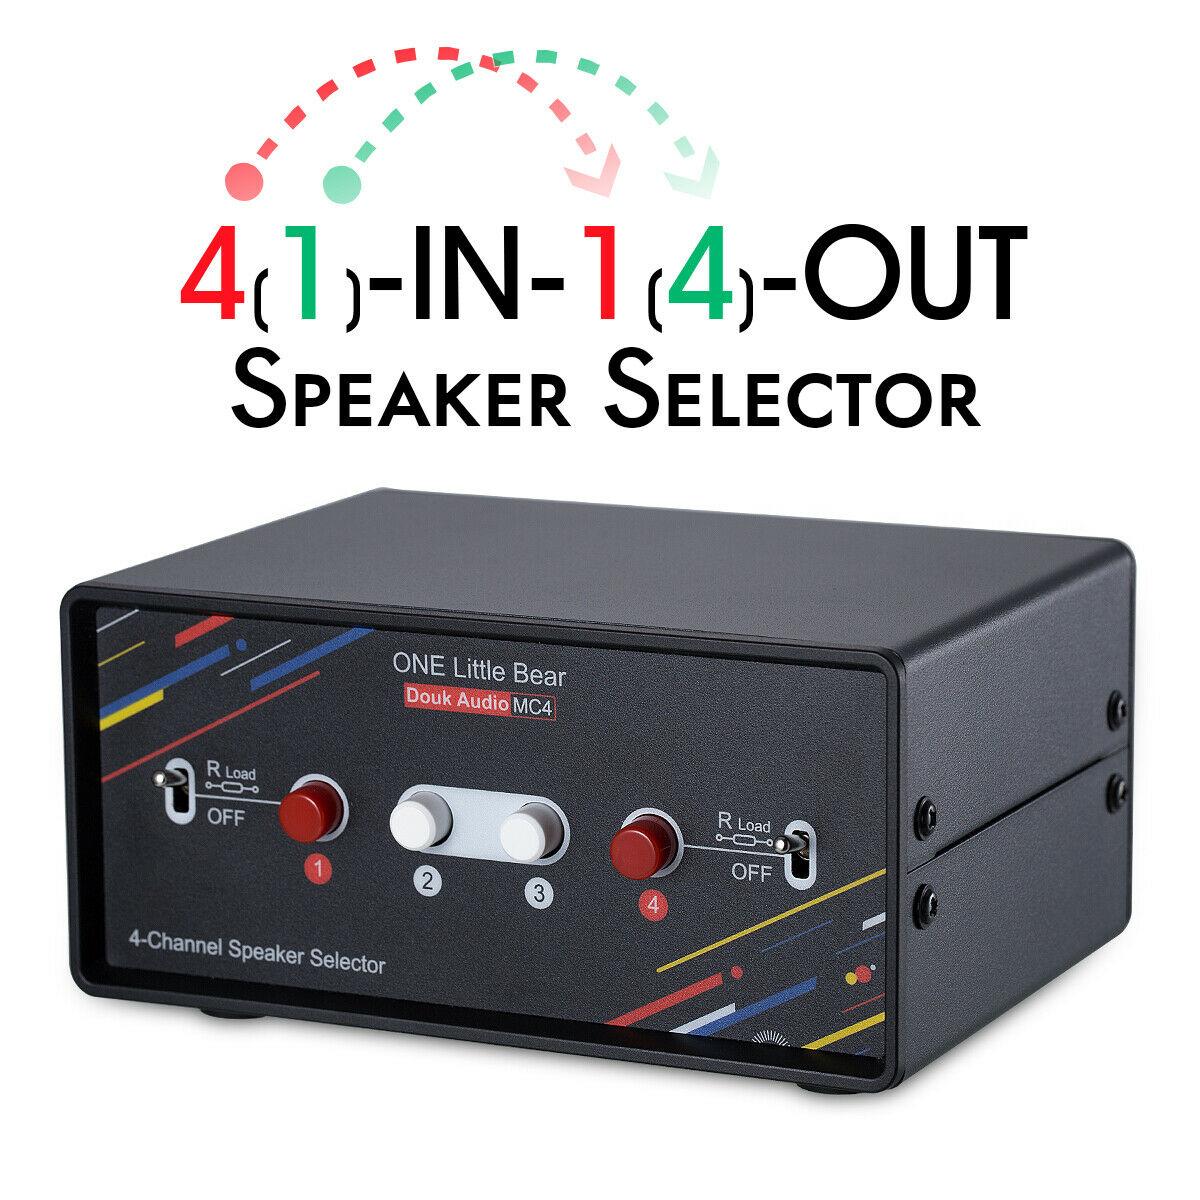 Douk Audio 4 canaux haut-parleur sélecteur boîte de commutation moyeu stéréo distributeur séparateur